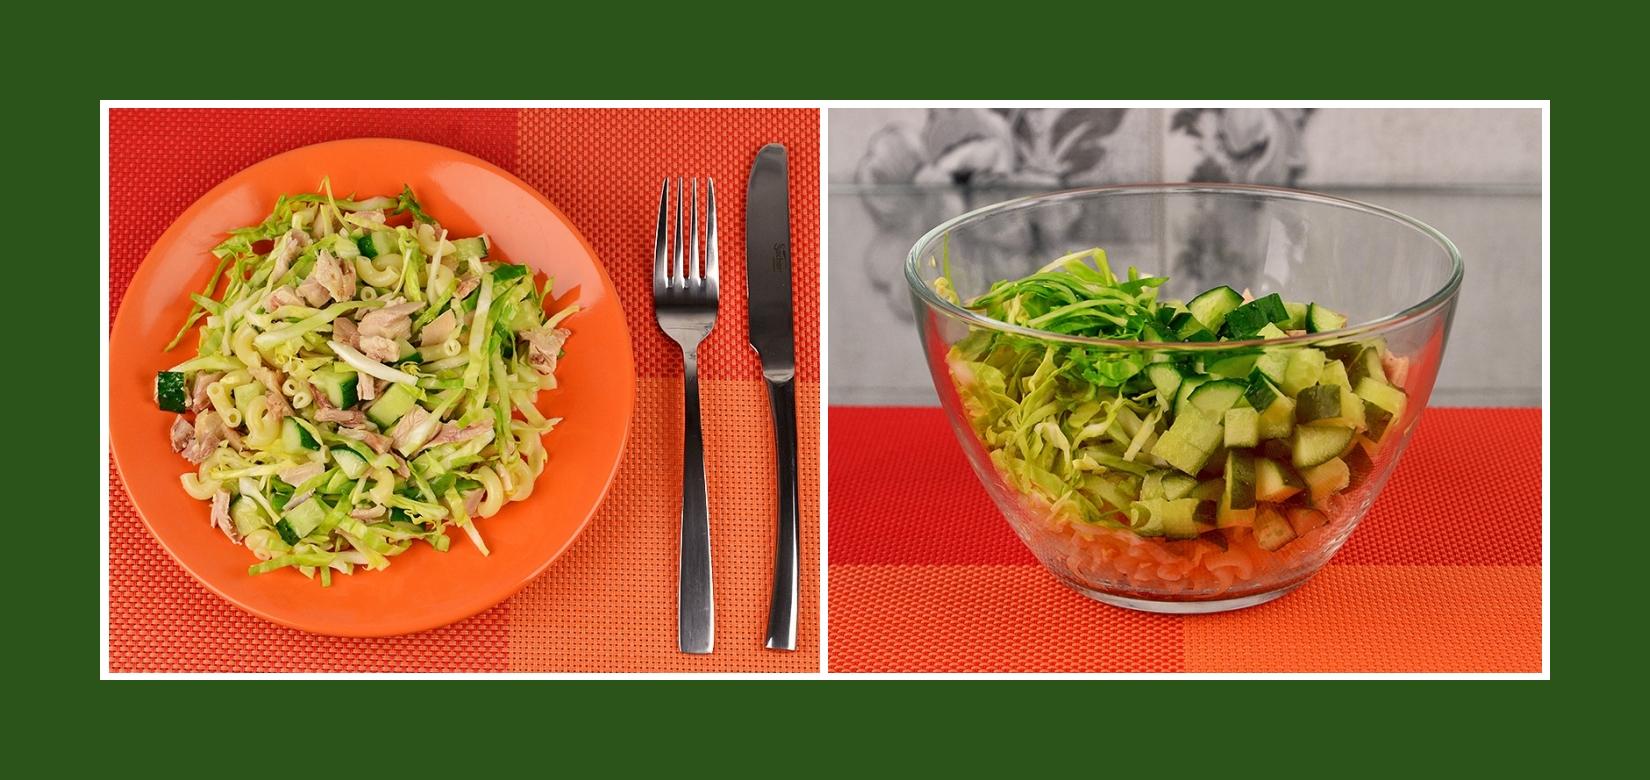 Nudelsalat mit Putenfleisch, Gurken und Frühkraut